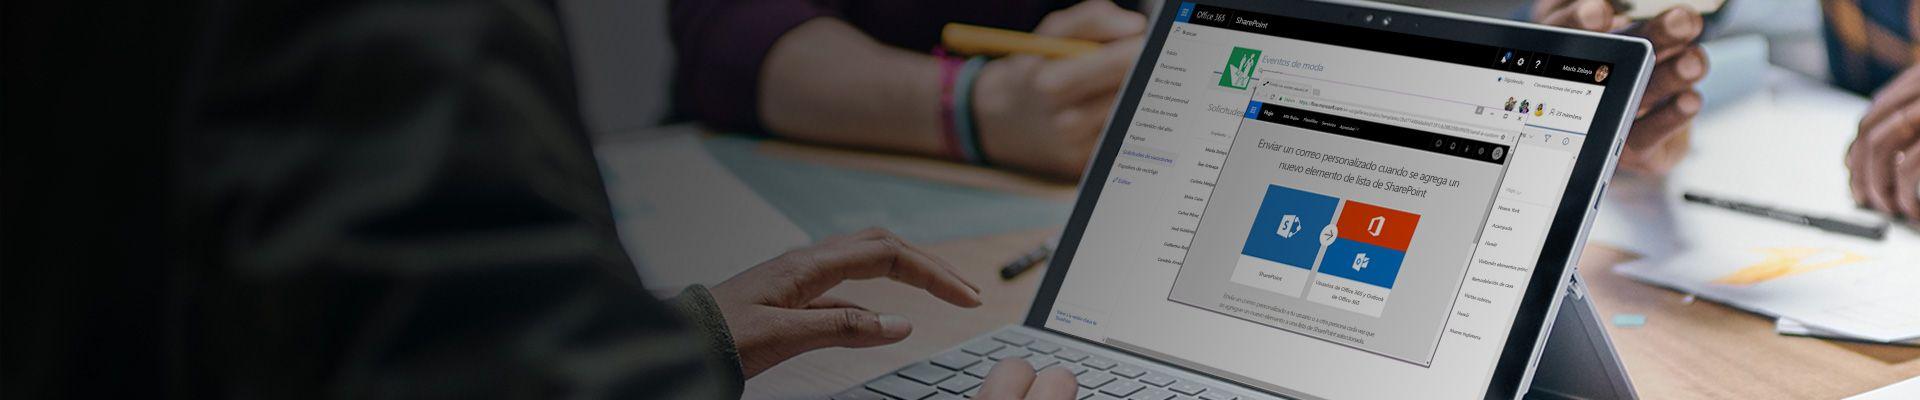 Flow y SharePoint ejecutándose en un equipo portátil